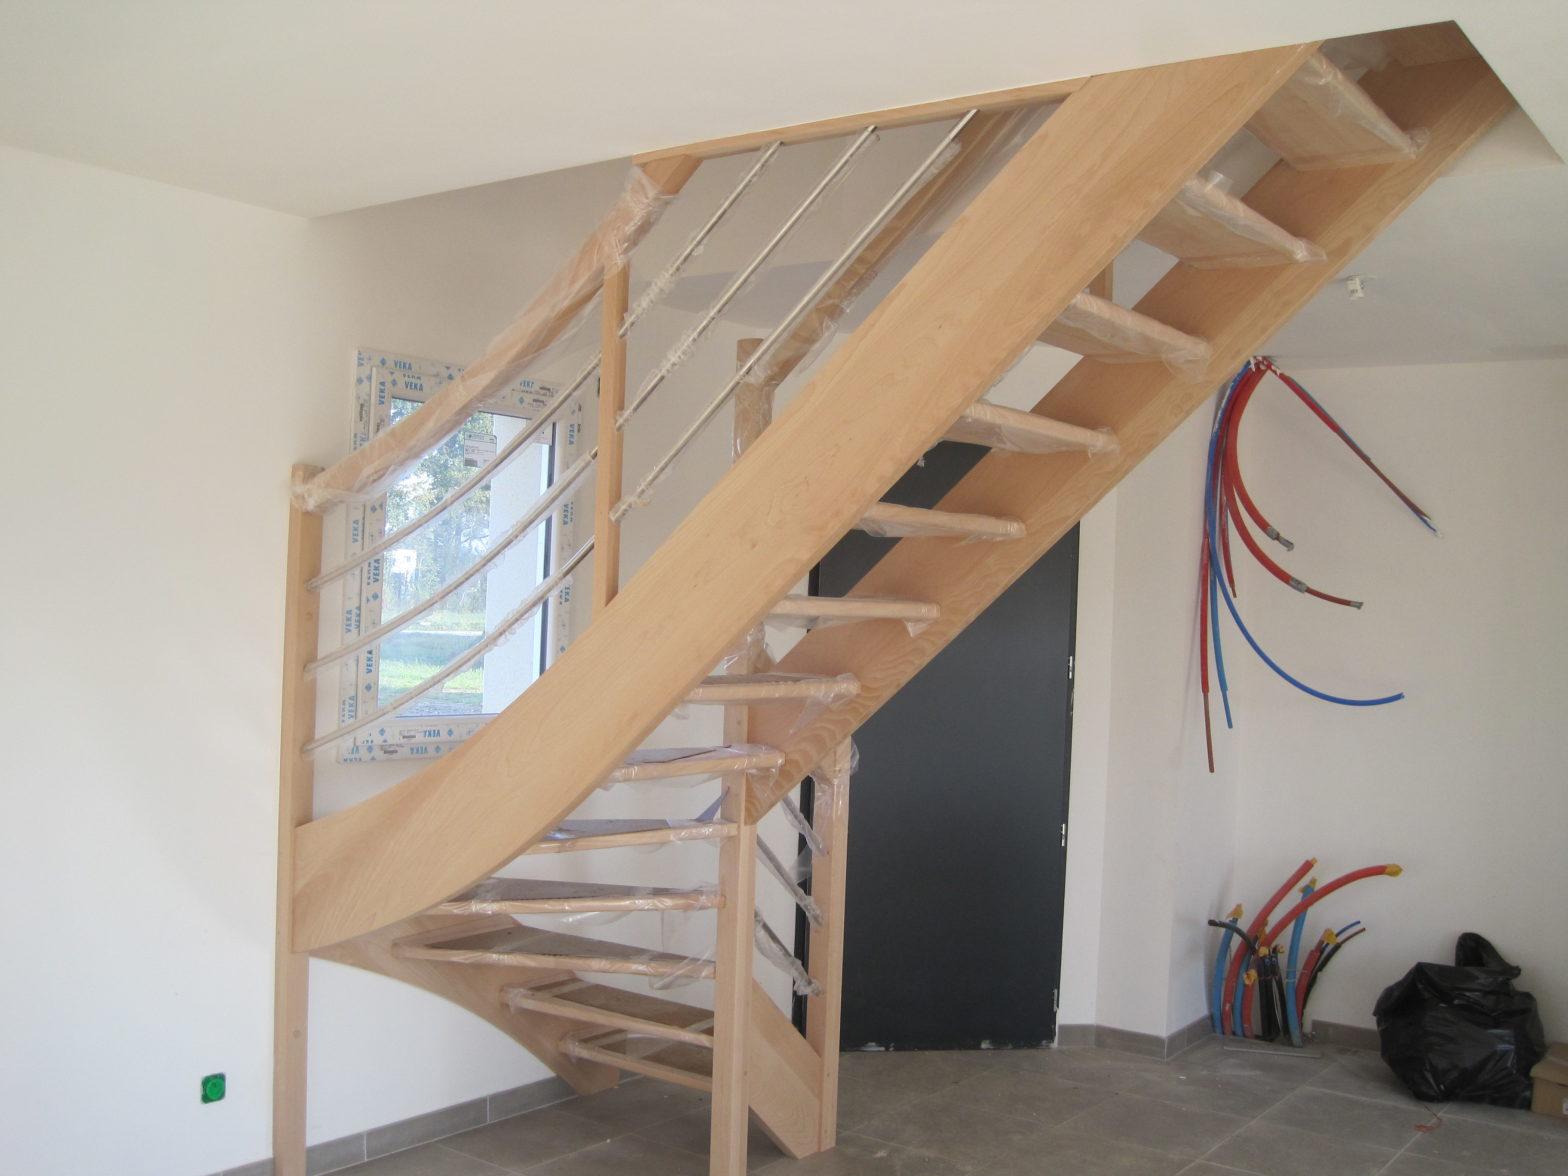 escalier quart tournant esaclier riaux montreuil-juigné 49